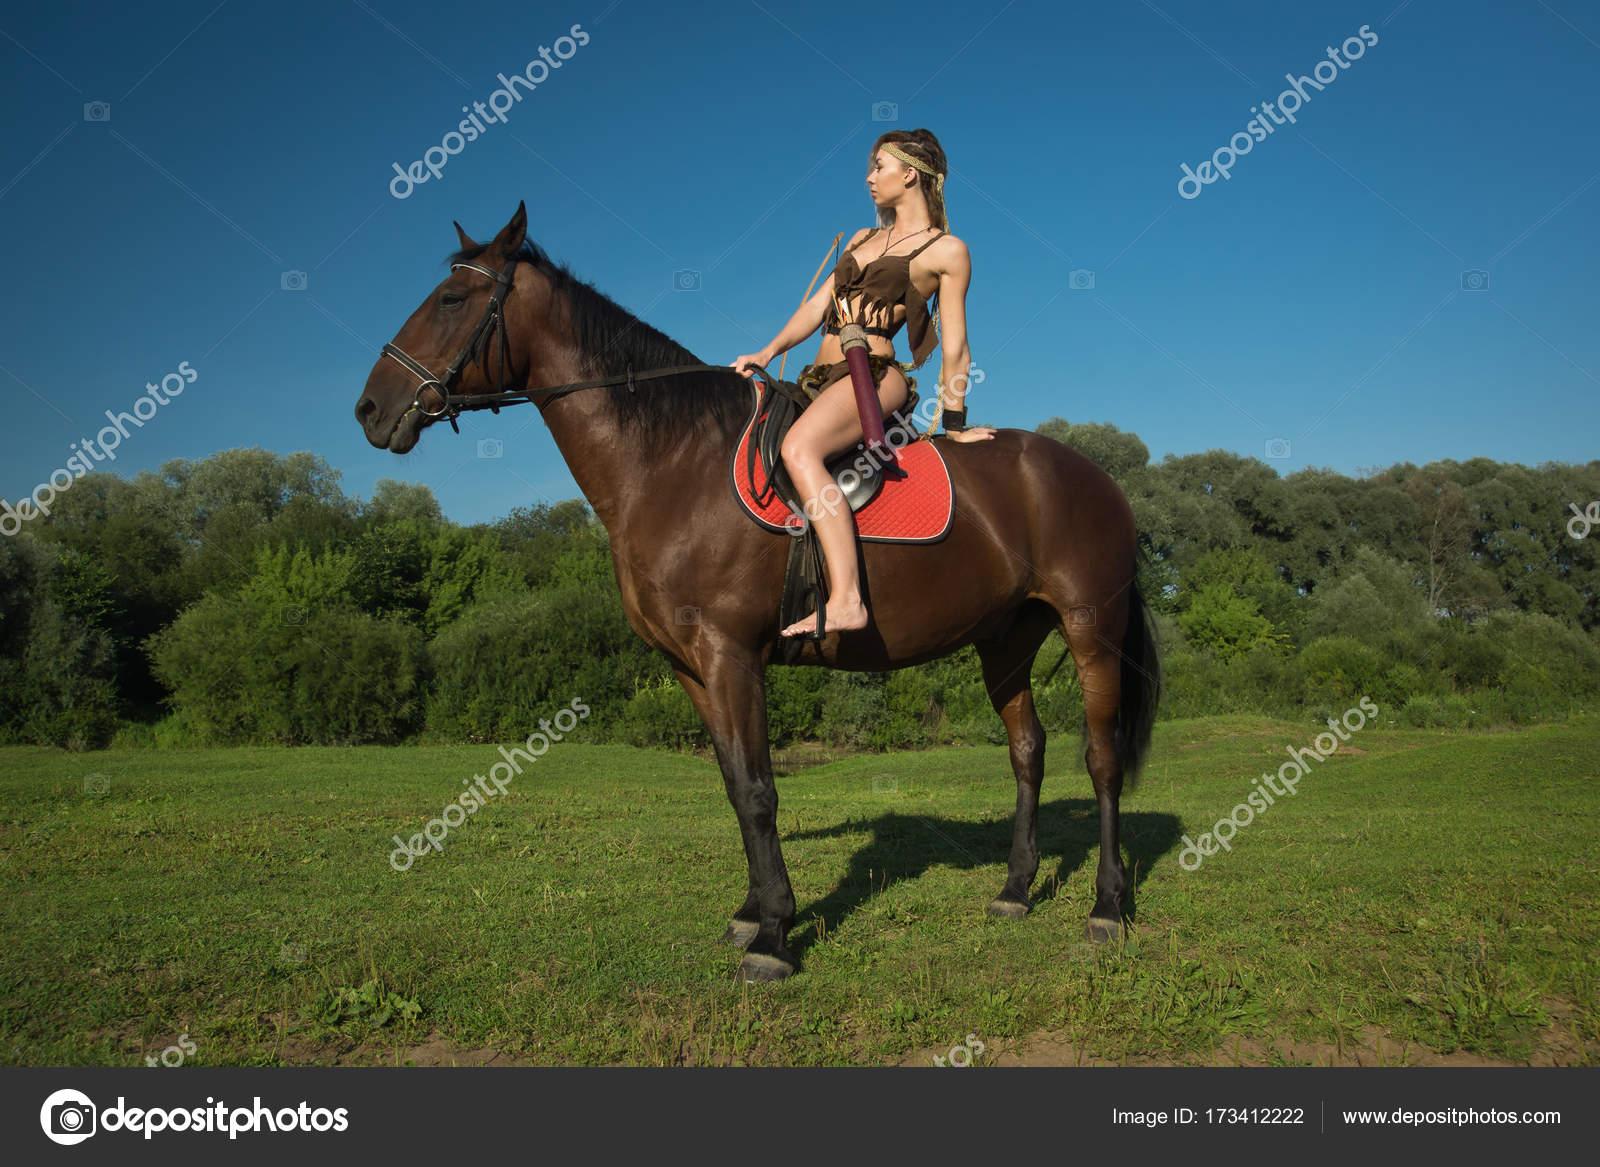 Сексуальные амазонки на лошадях